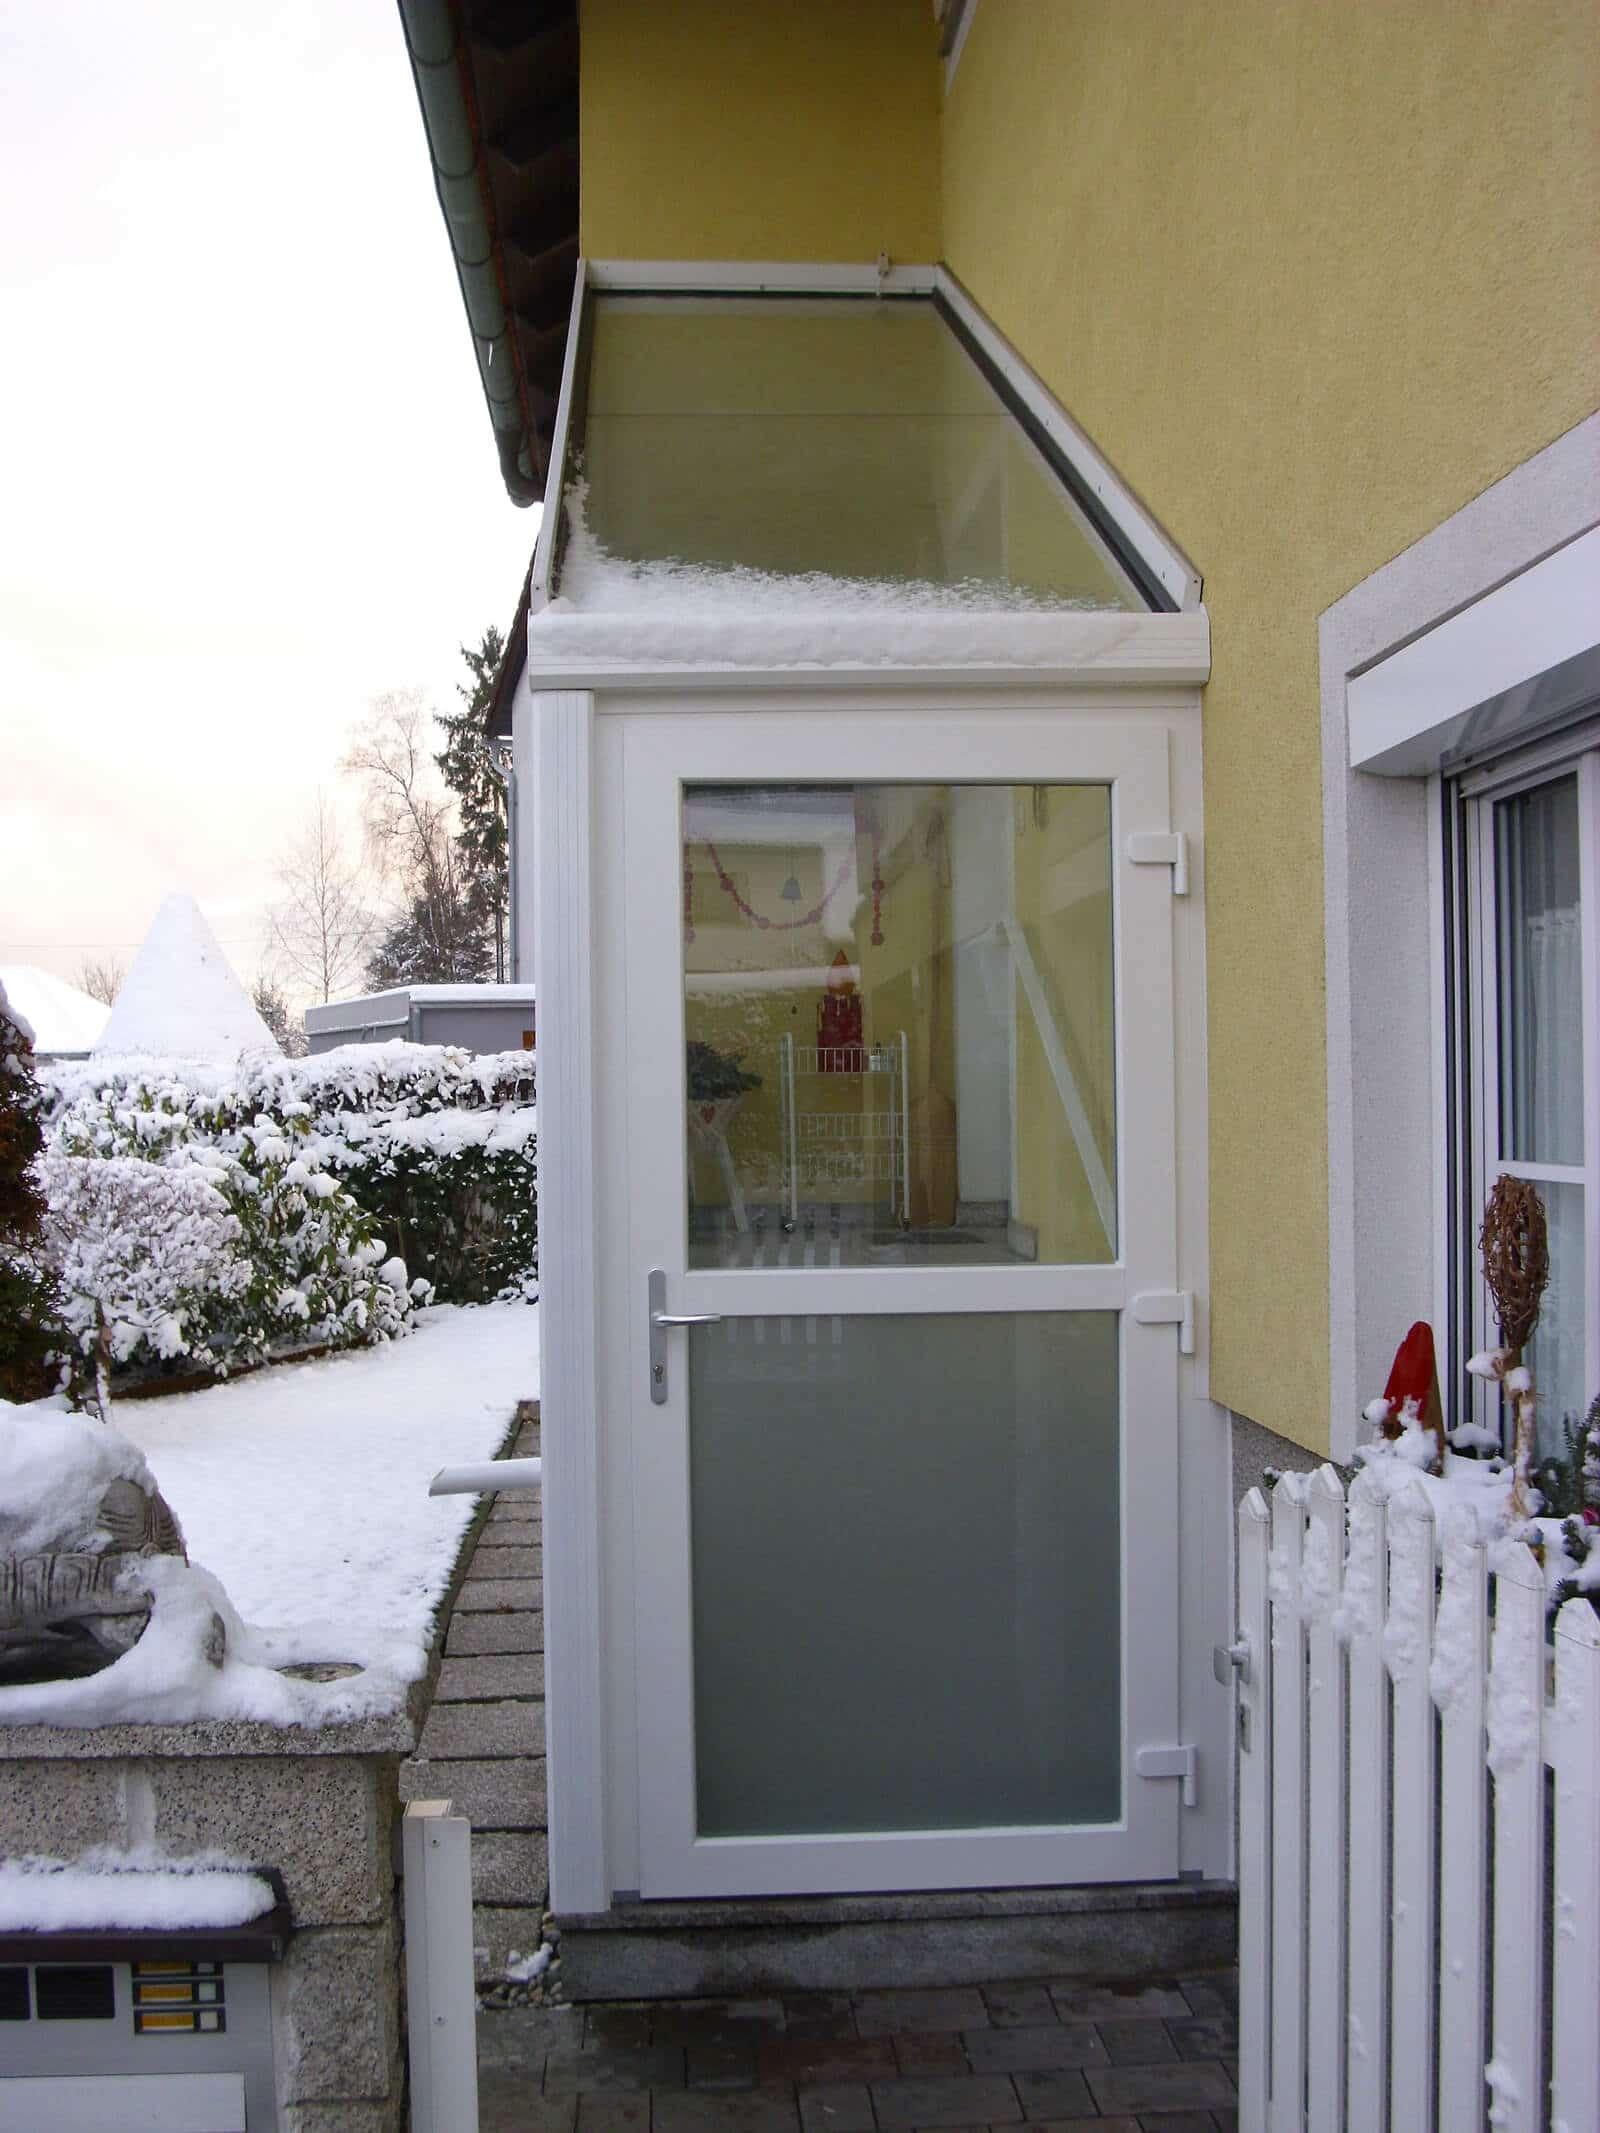 Windschutz-Stiegenaufgang & Eingangsbereich